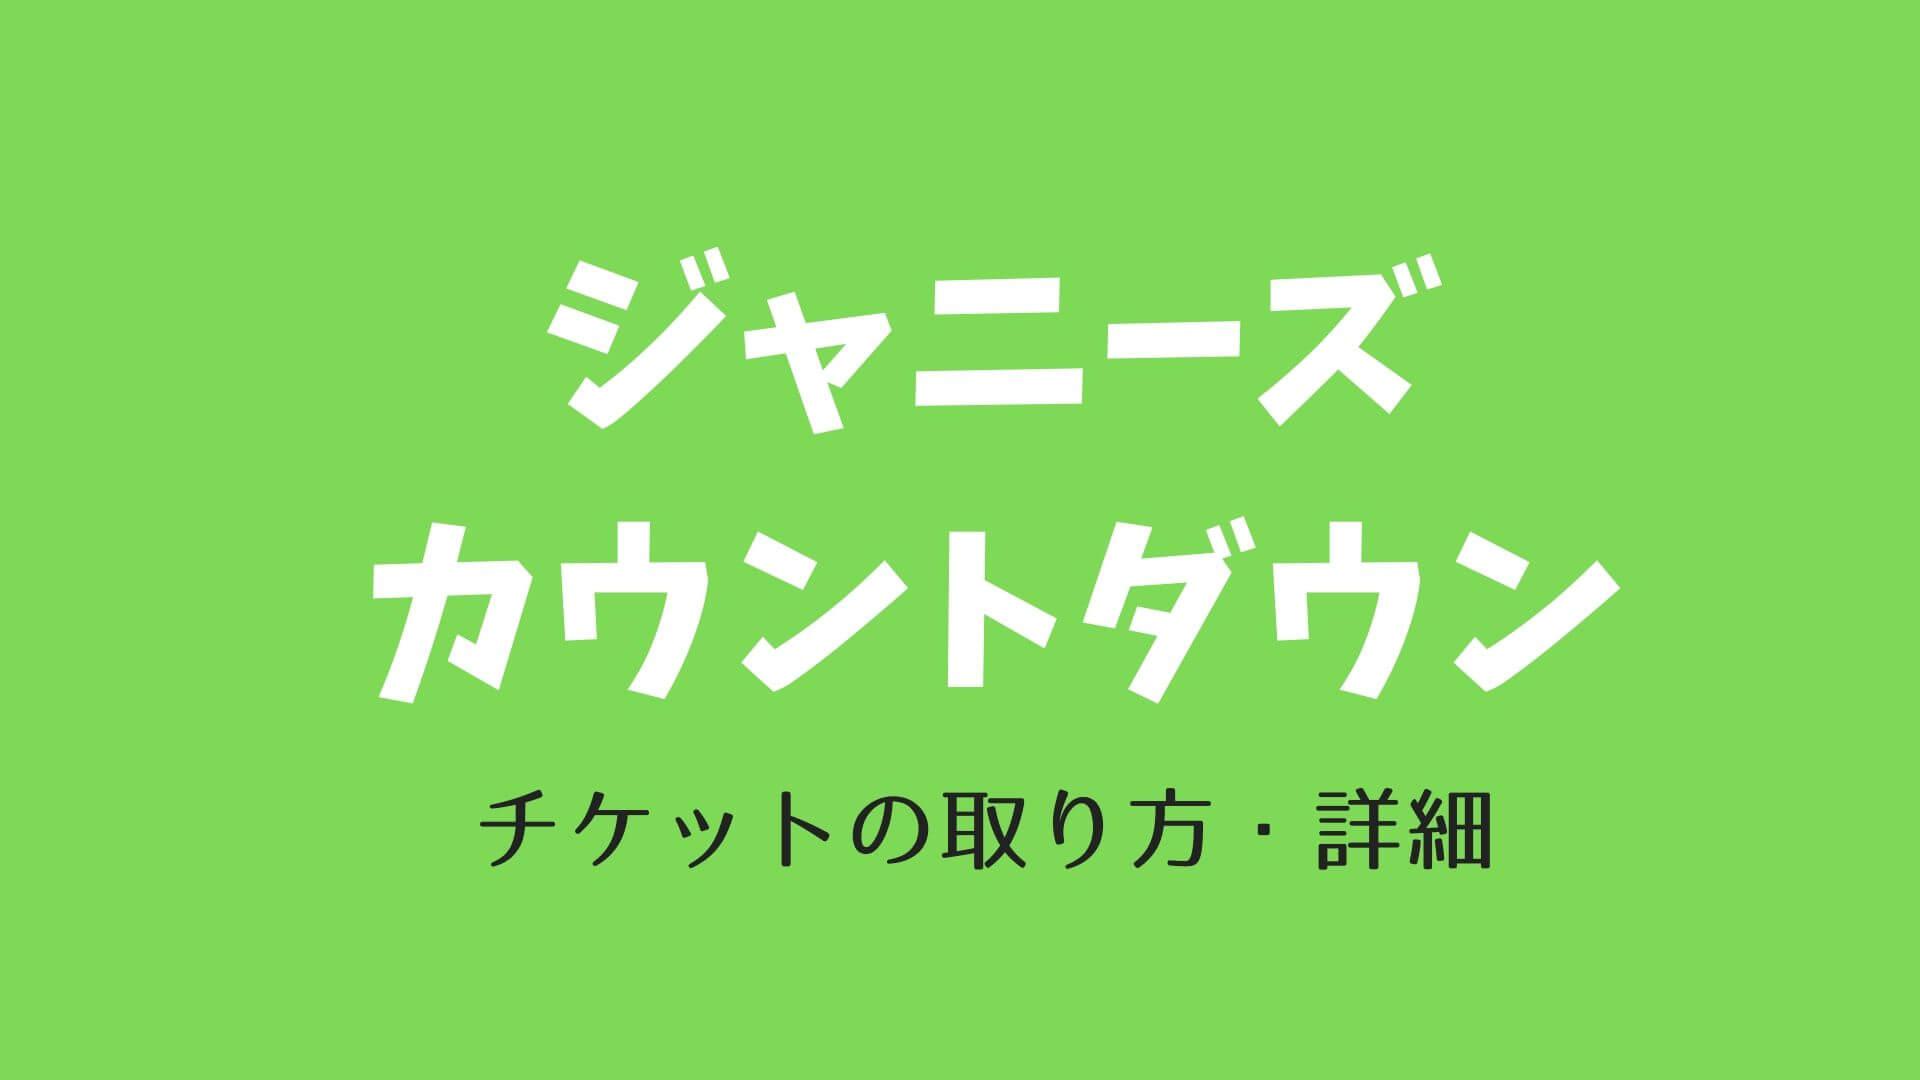 カウントダウン 濱田 ジャニーズ